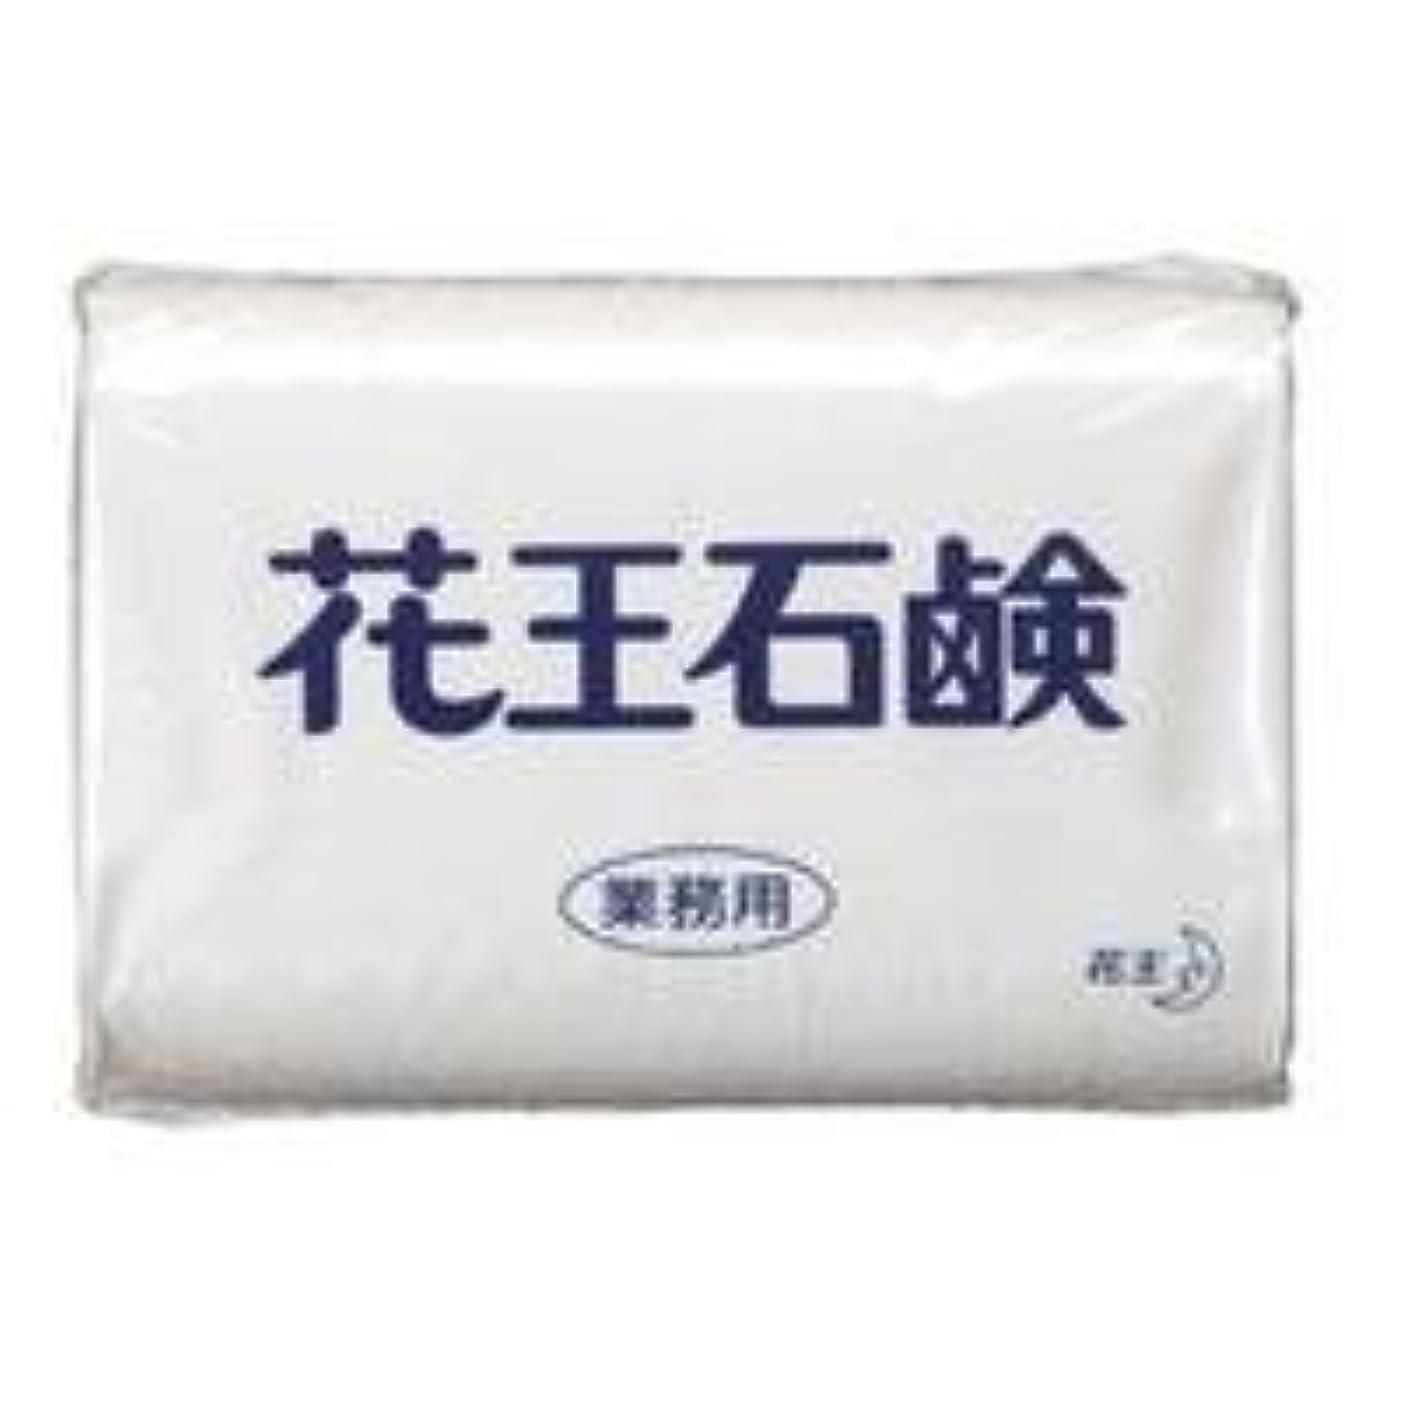 セブン男ピラミッド業務用石鹸 85g 3個×40パック(120個入り)